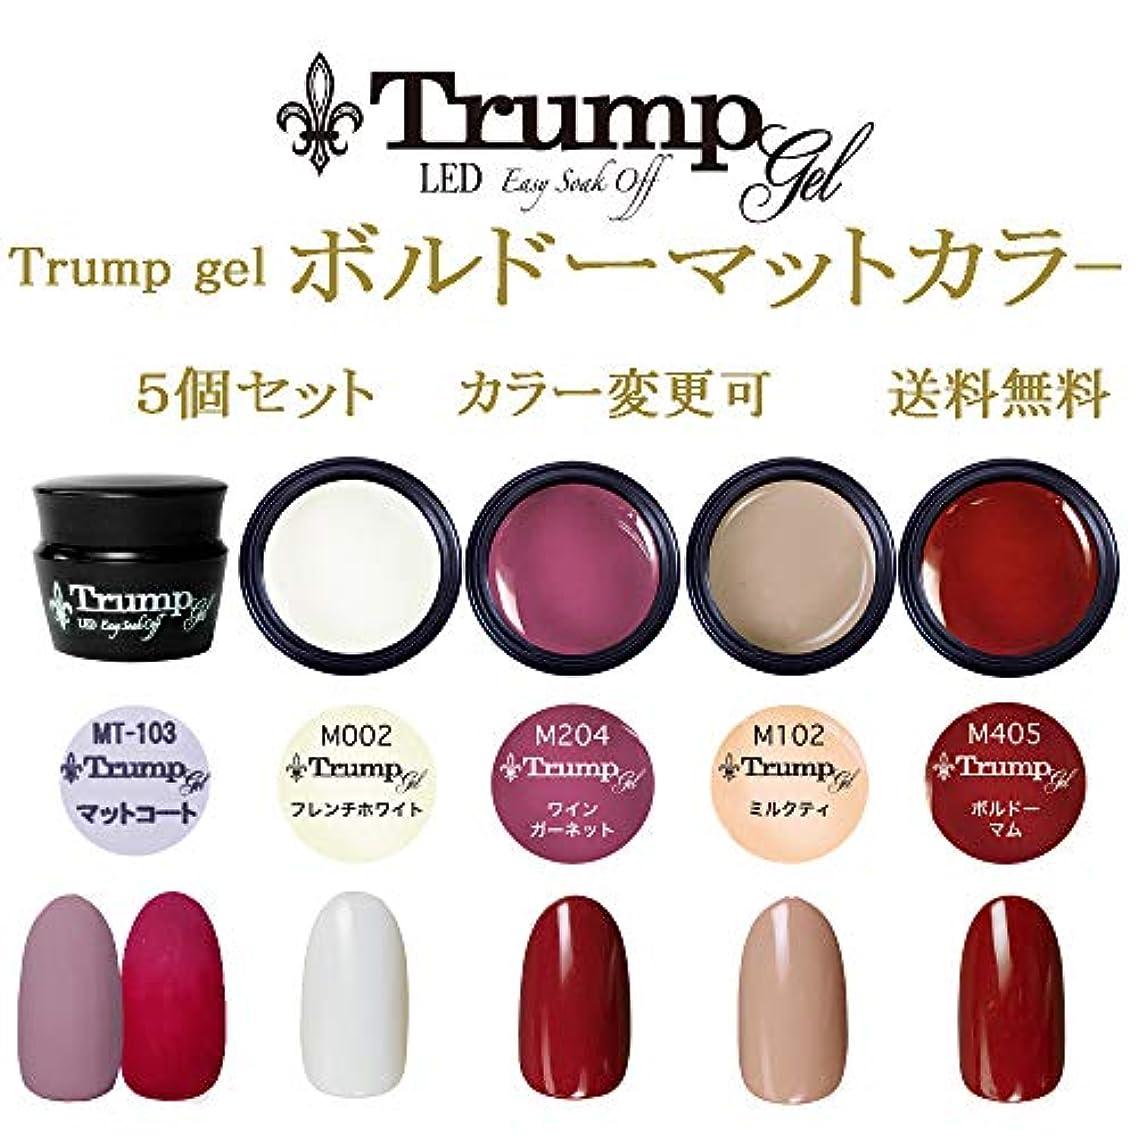 ファーザーファージュ枯渇するごめんなさい日本製 Trump gel トランプジェル ボルドー マット カラー 選べる カラージェル 5個セット マットコート ホワイト ワイン レッド ベージュ